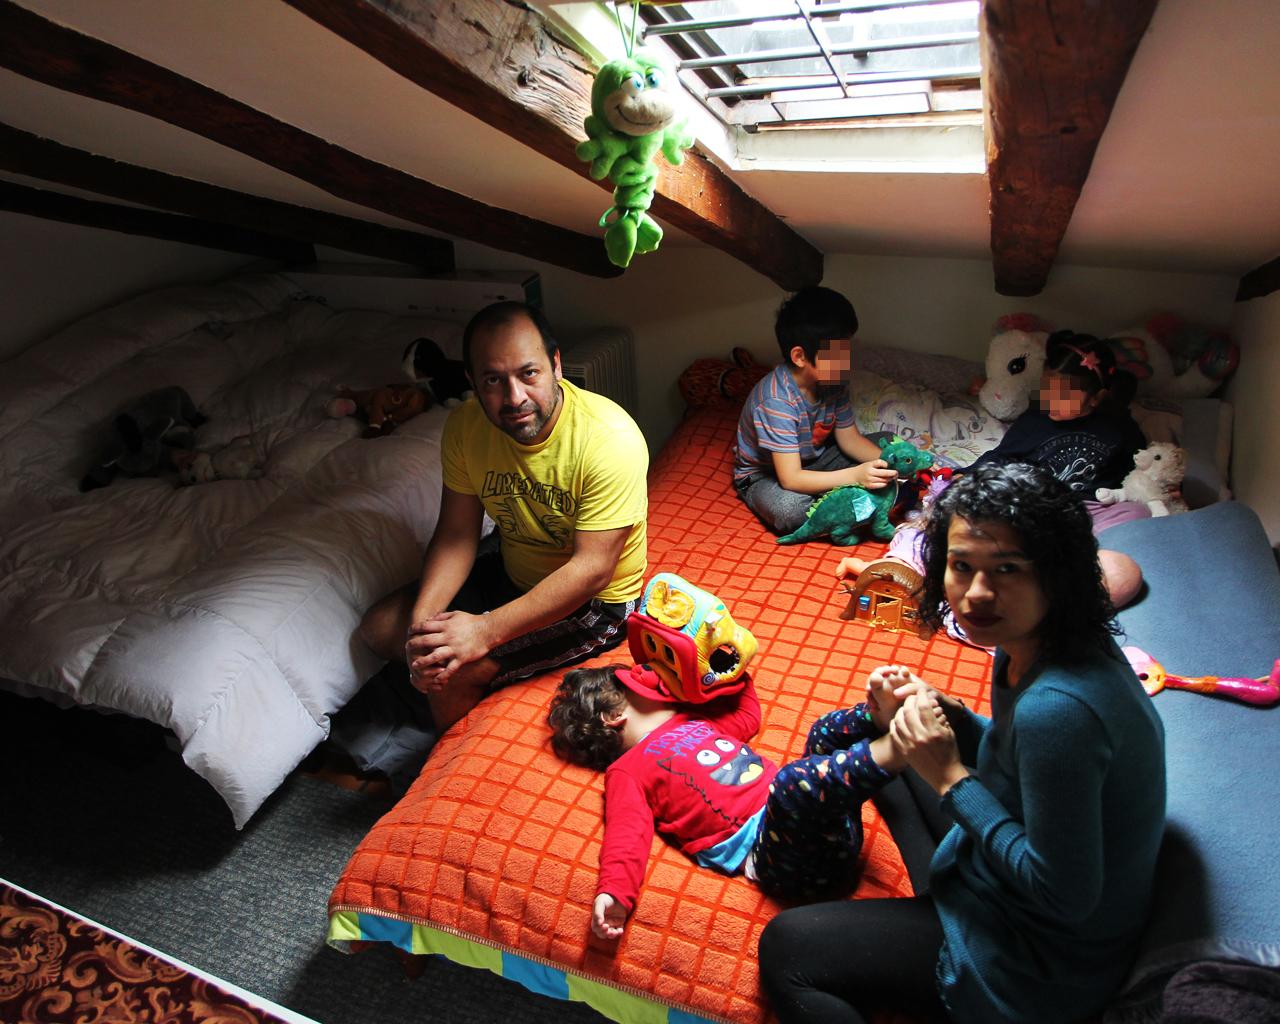 Carmen y su familia viven confinados en un piso de apenas 30 metros cuadrados en el barrio de Las Letras. Madrid. 23/04/2020.